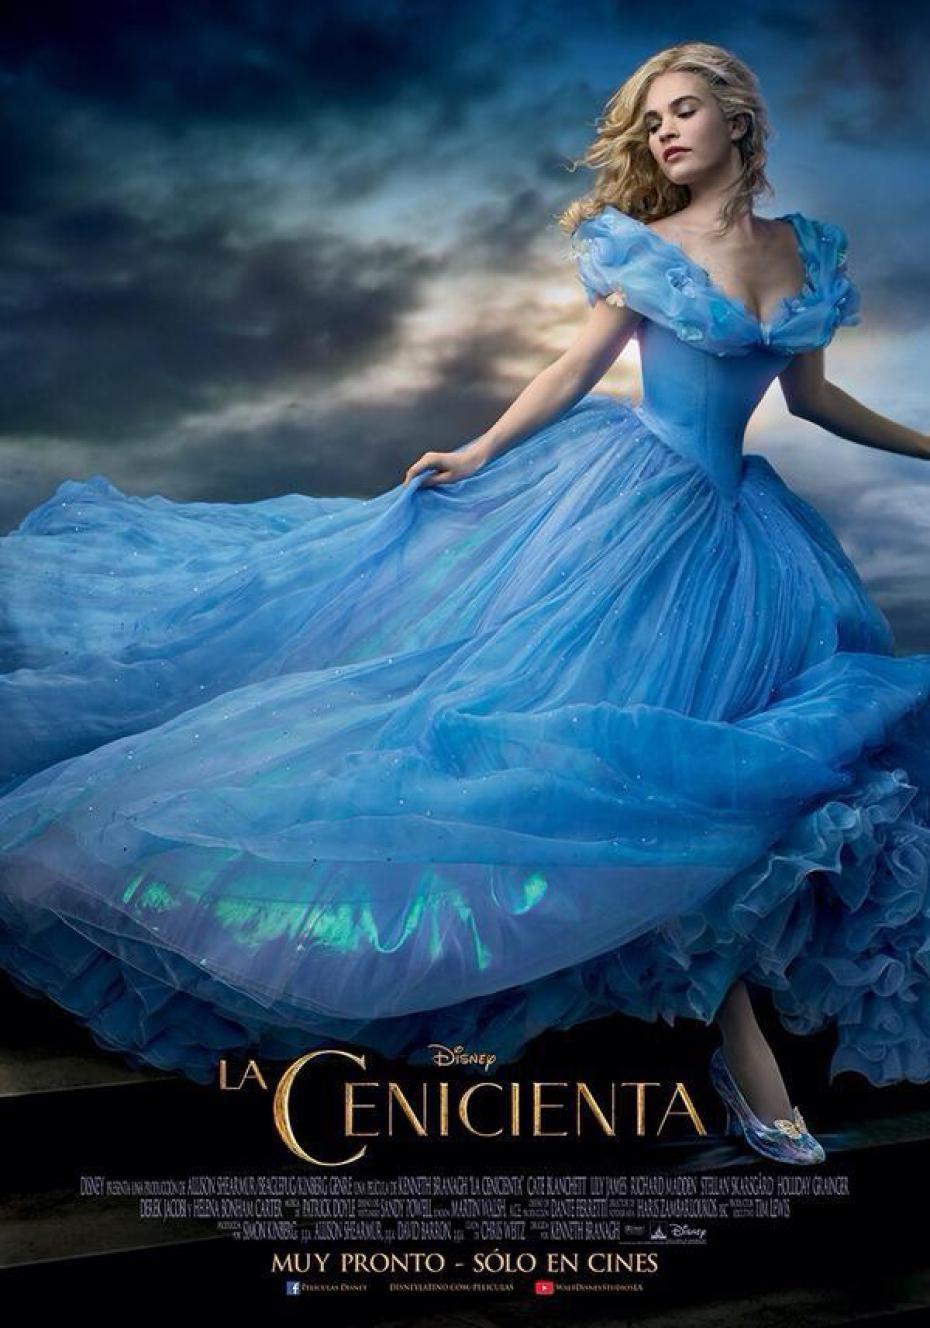 Cinema Unickshak La Cenicienta Cinderella Cinemas Mexico And Usa La Cenicienta Pelicula Peliculas De Disney Vestidos De Cenicienta